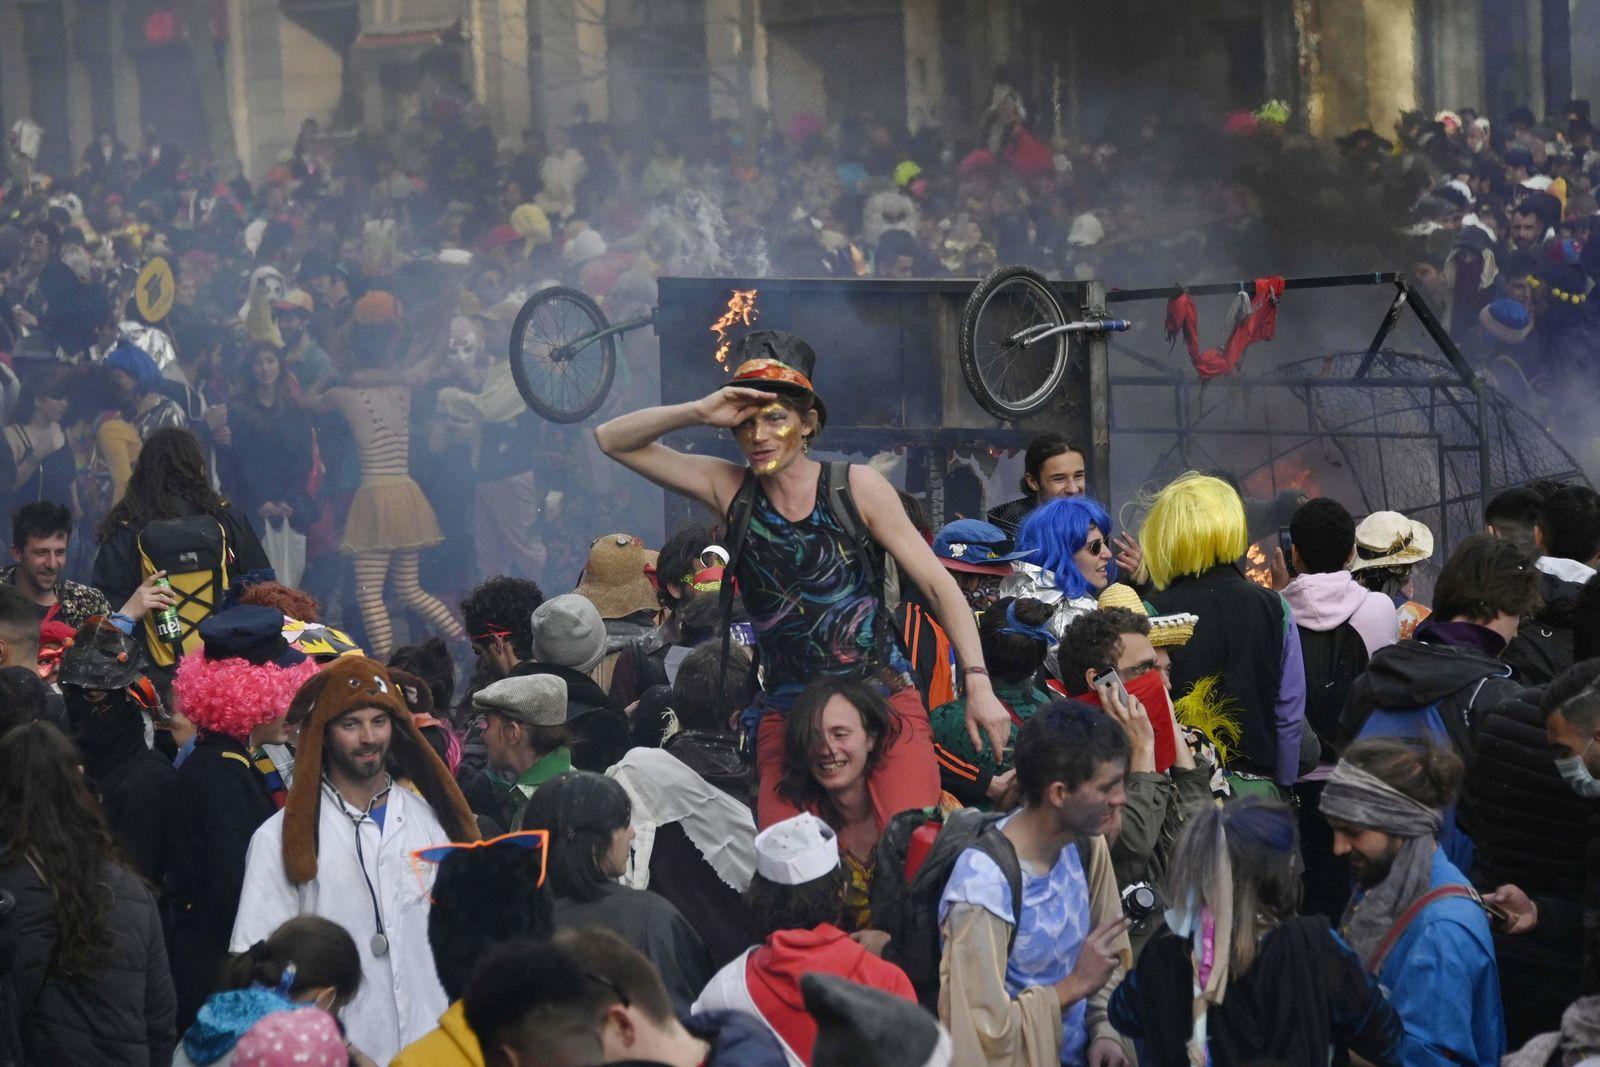 Coronvirus - 6500 Menschen feiern ungenehmigt Karneval